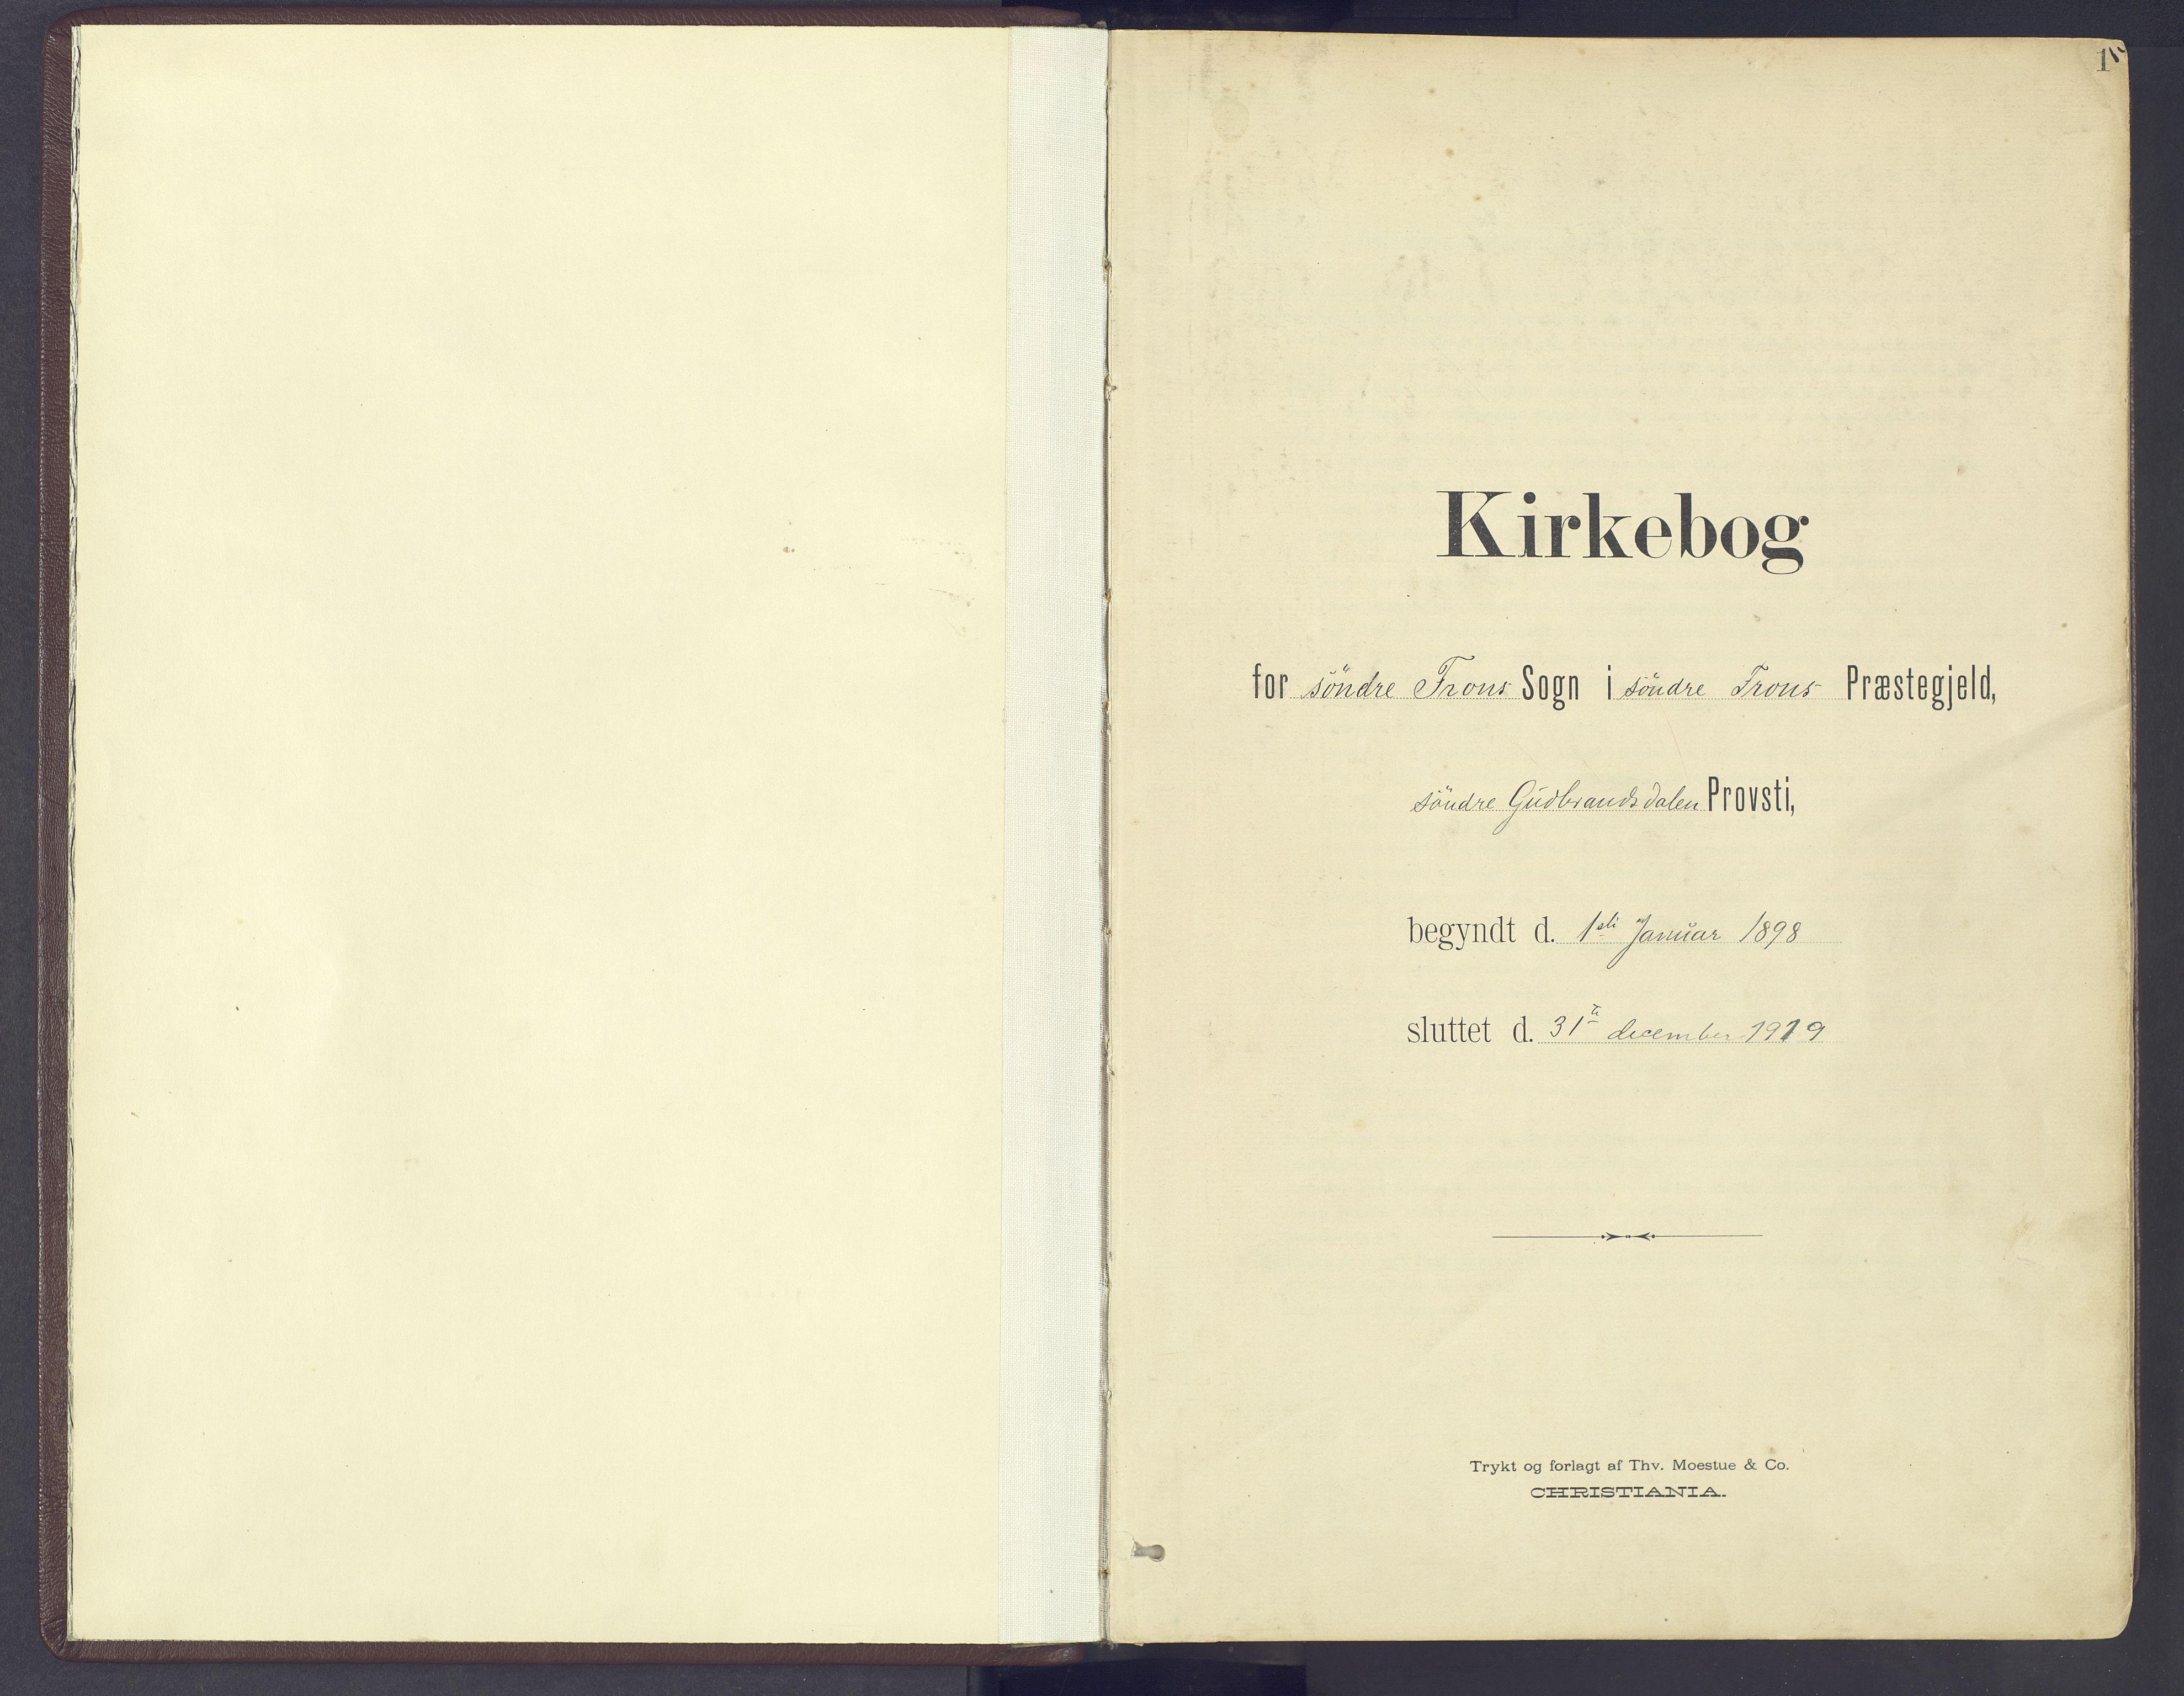 SAH, Sør-Fron prestekontor, H/Ha/Haa/L0004: Ministerialbok nr. 4, 1898-1919, s. 1